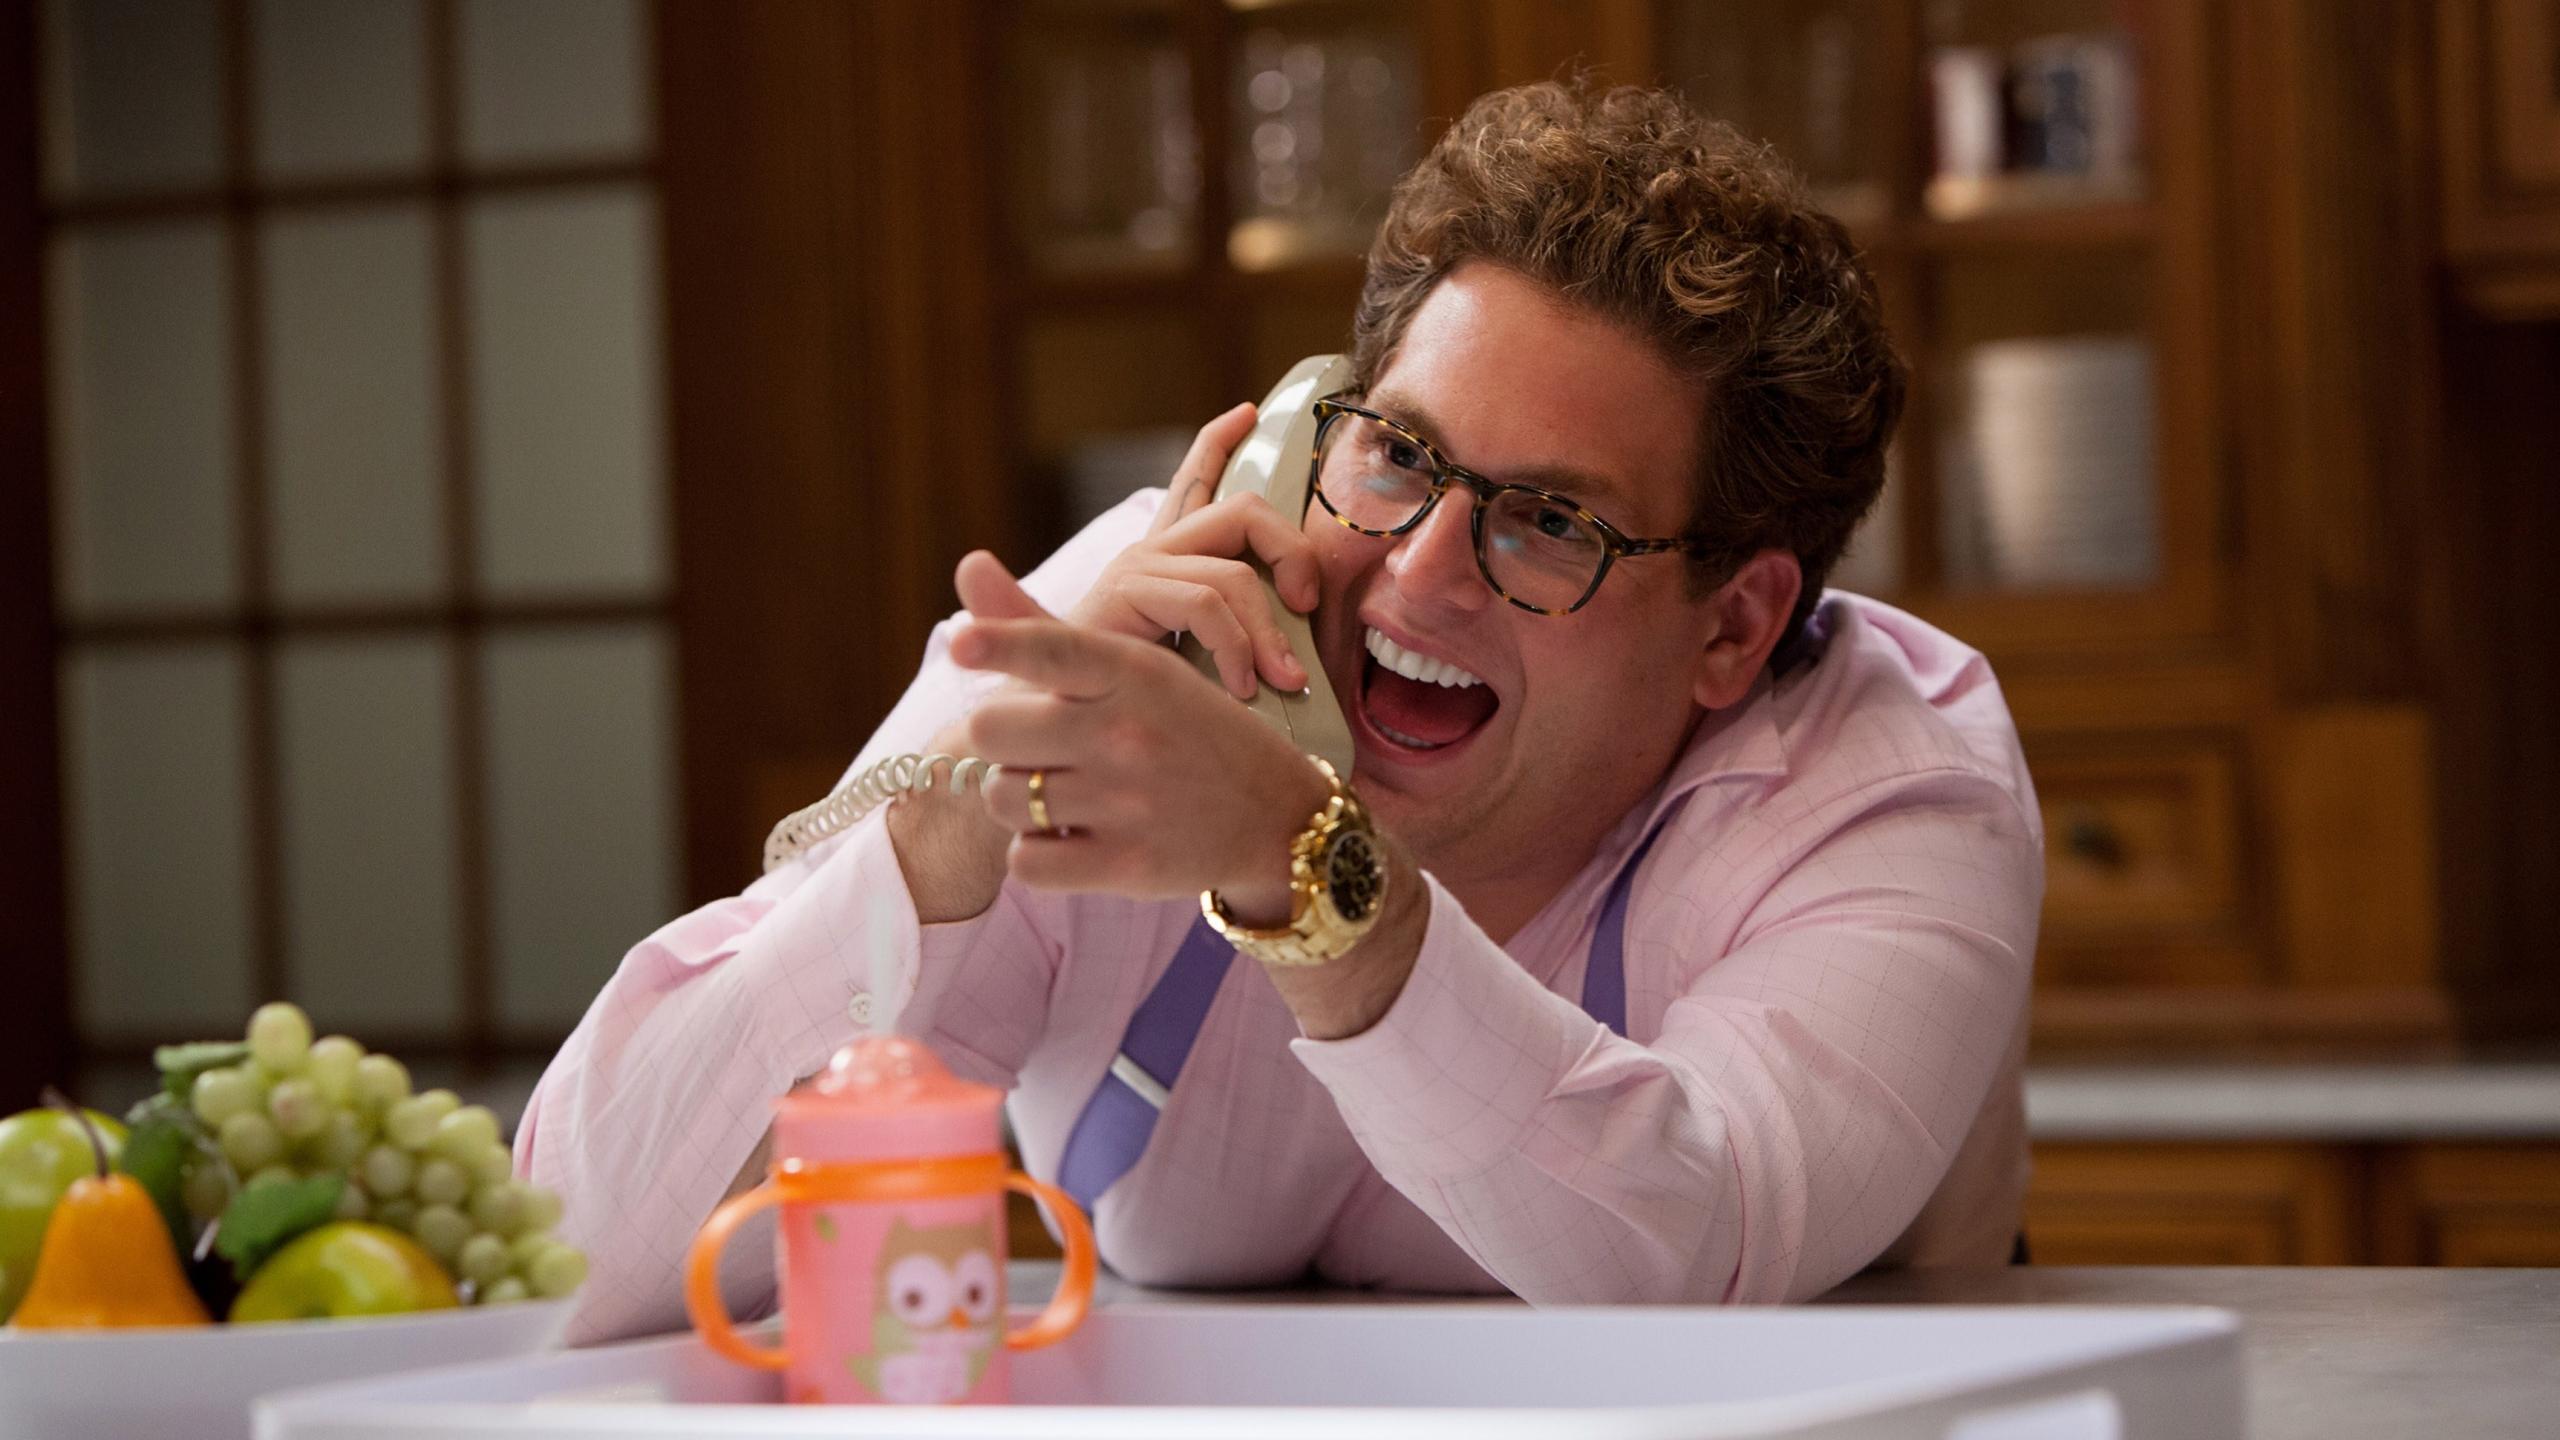 Jonah Hill es el actor que ha dicho más groserías en la historia del cine, según estudio